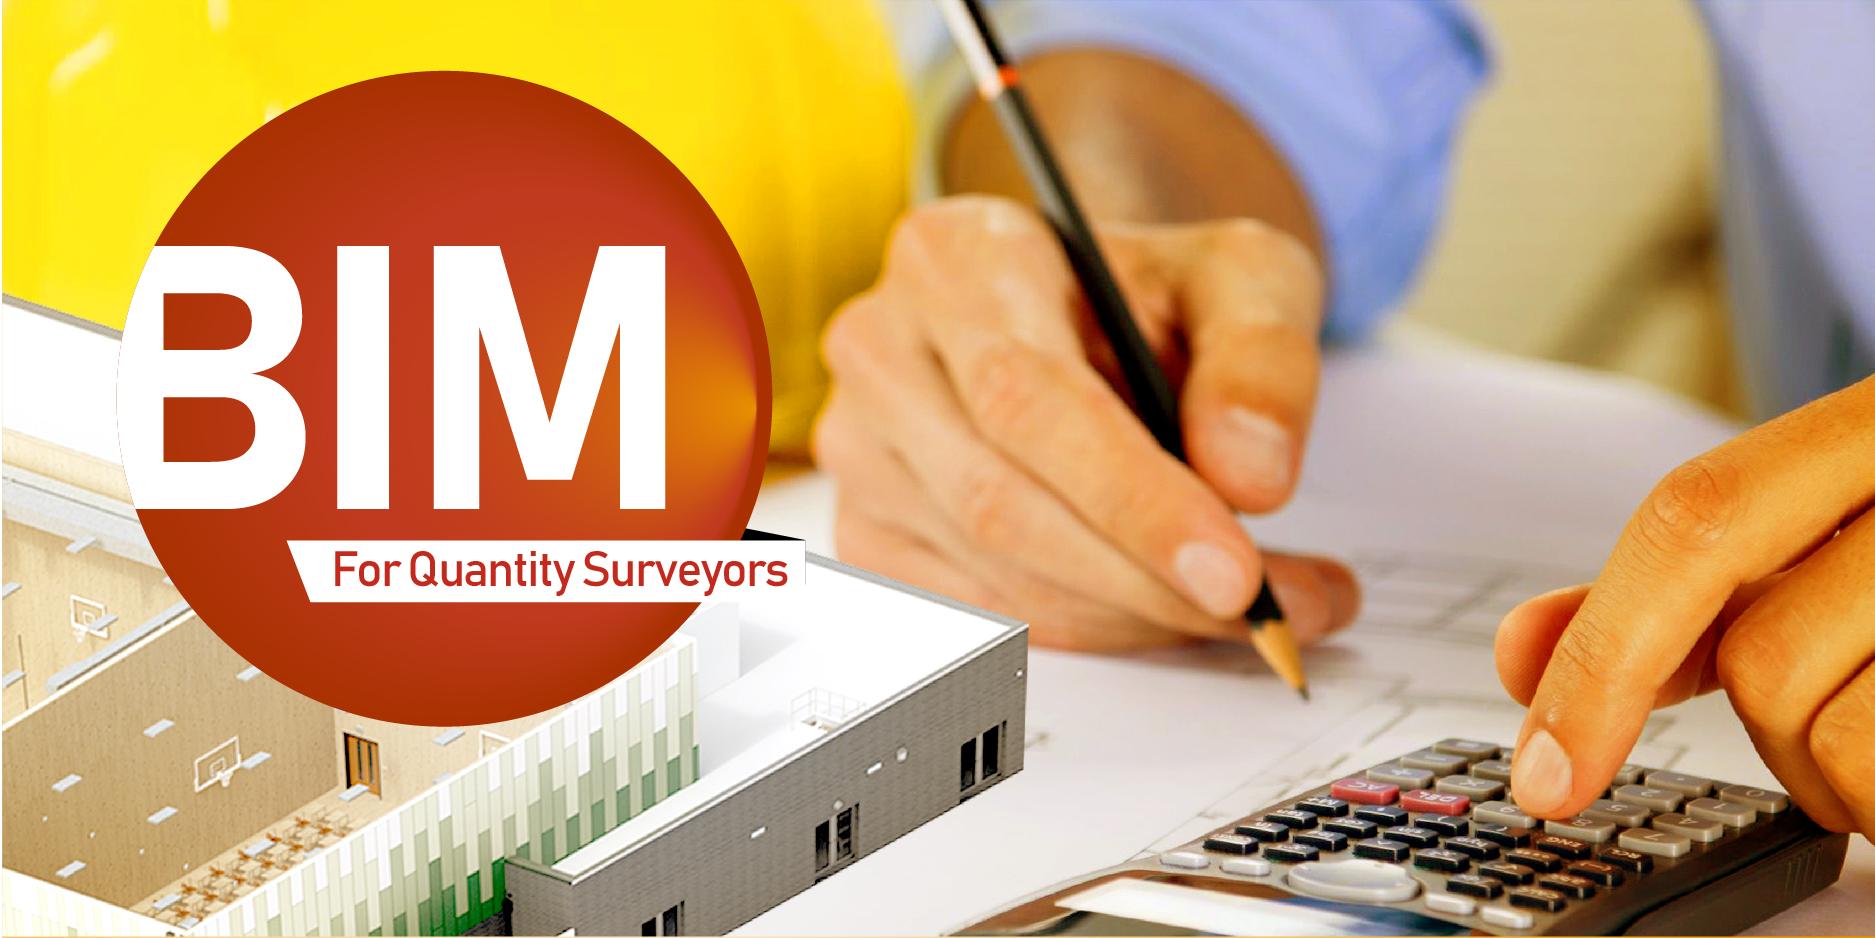 BIM for Quantity Surveyors